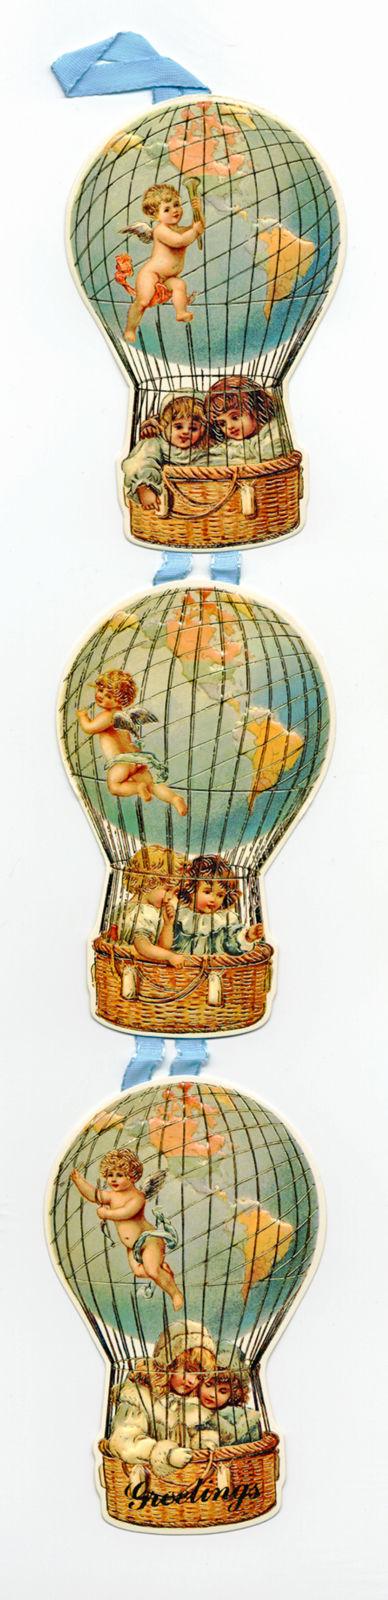 Liebe Grüße Aus Dem Heißluftballon Außergewöhnliche 3STUFIGE Karte Blaues Band | eBay